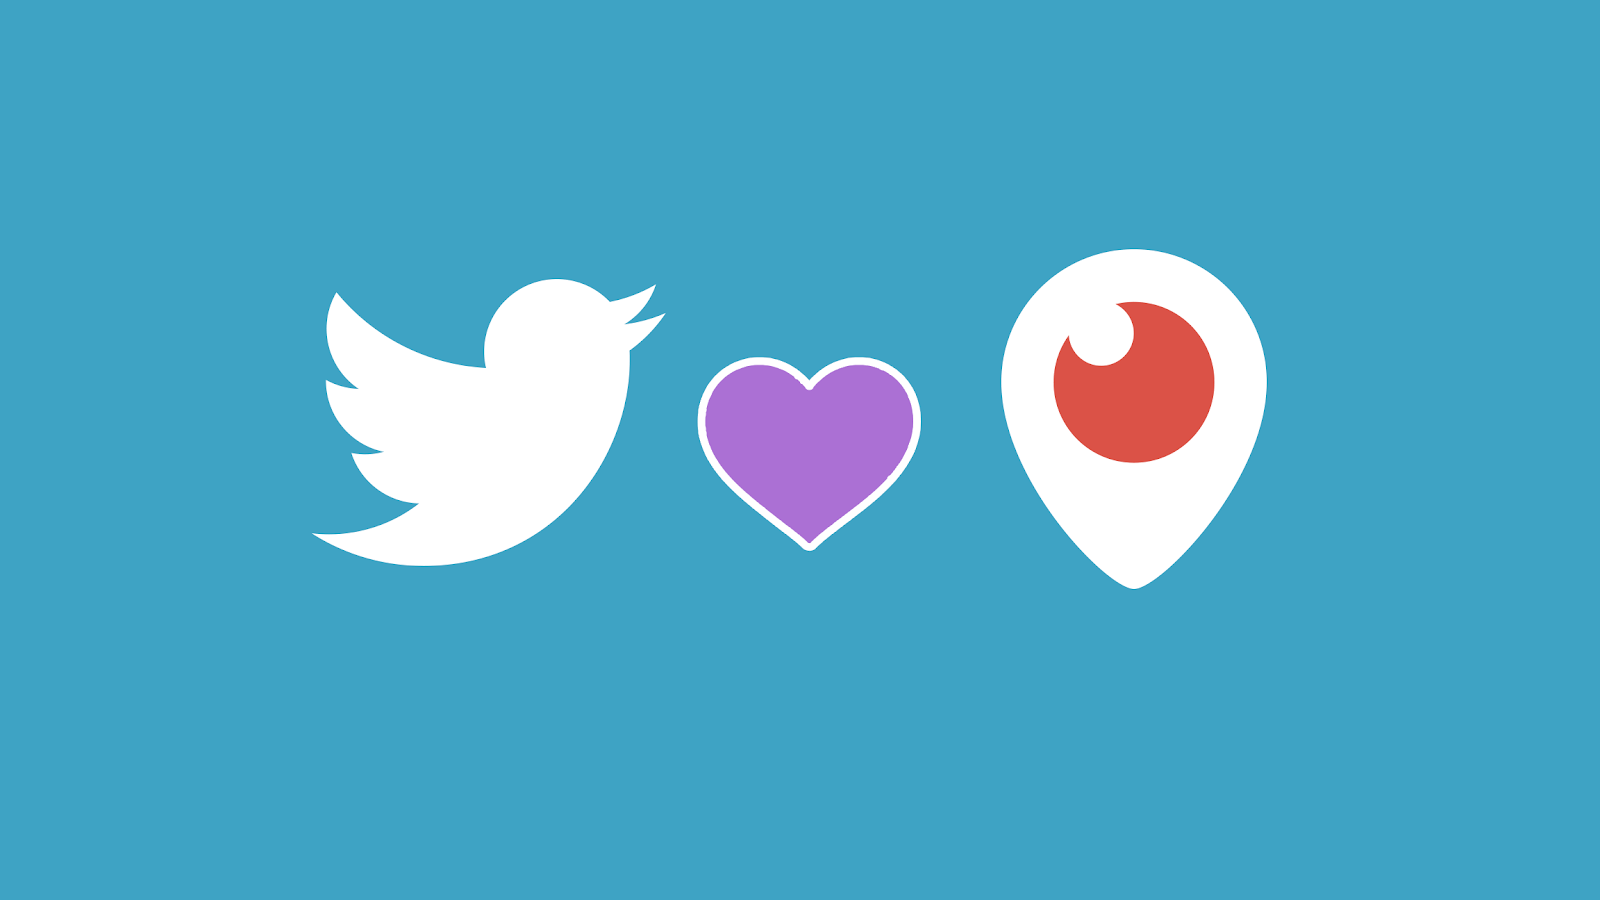 L'application Periscope va définitivement fermer ses portes, mais le service en lui-même continuera d'exister sur Twitter